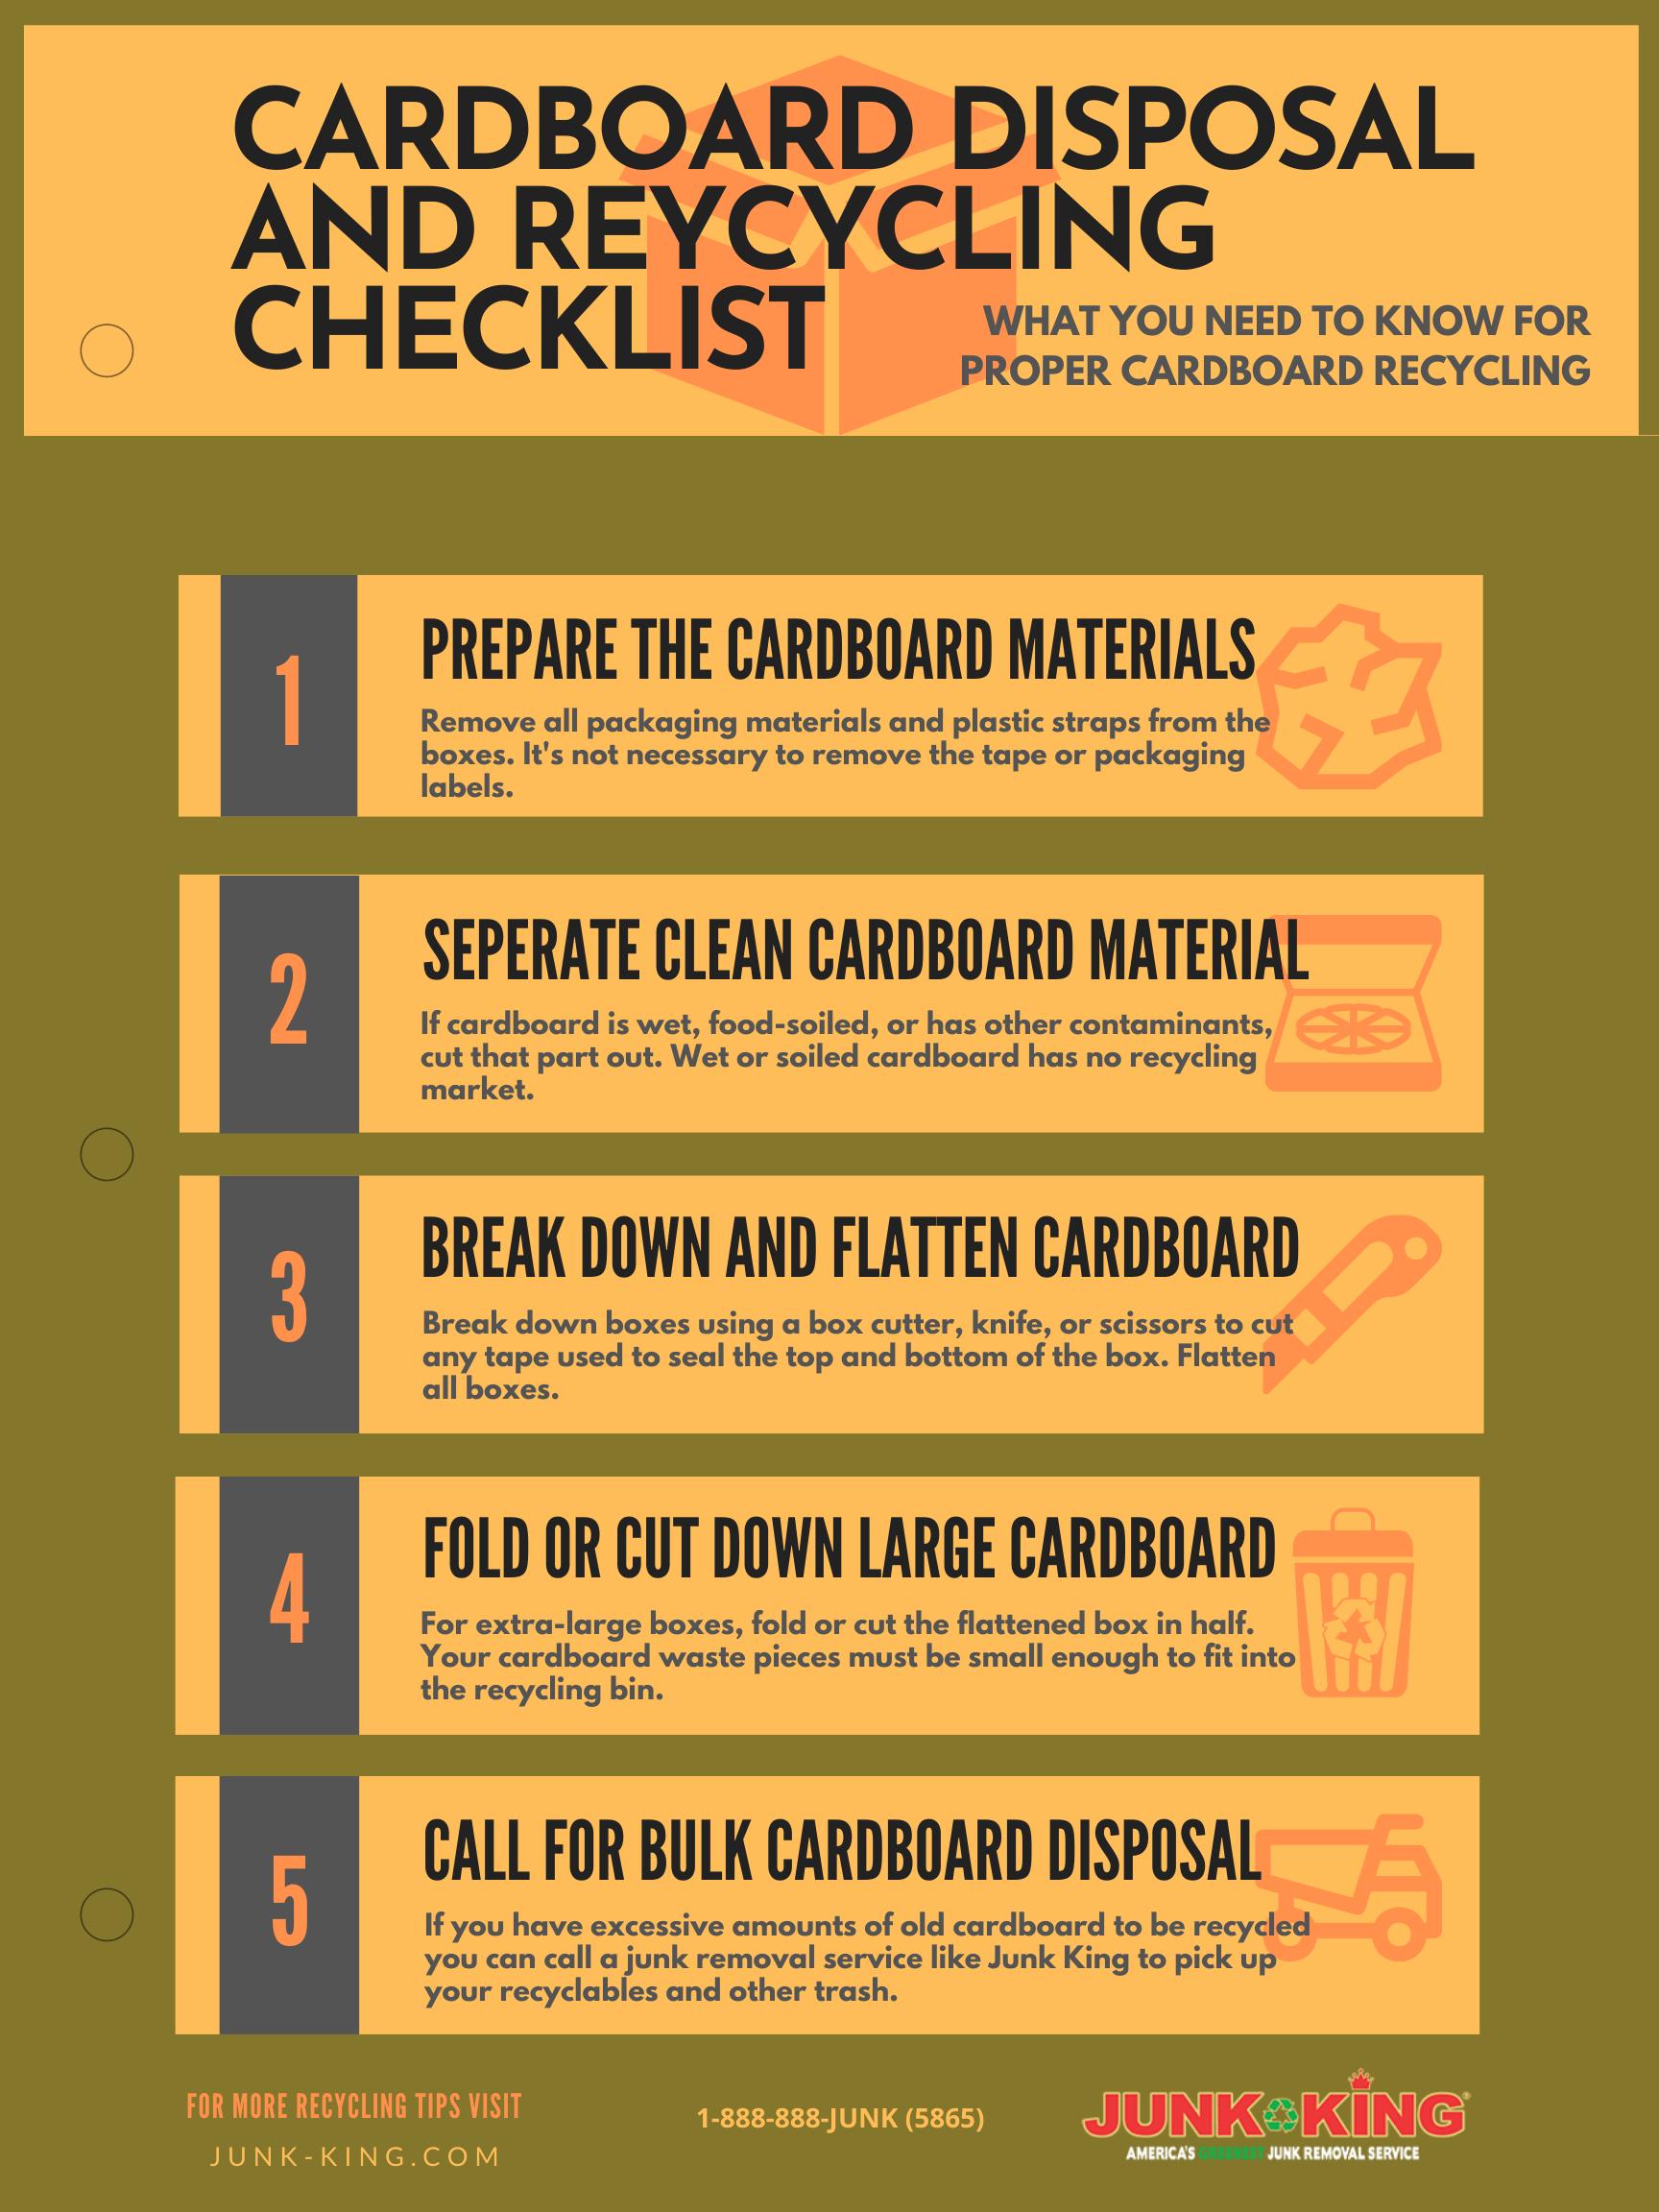 Cardboard Recycling Checklist